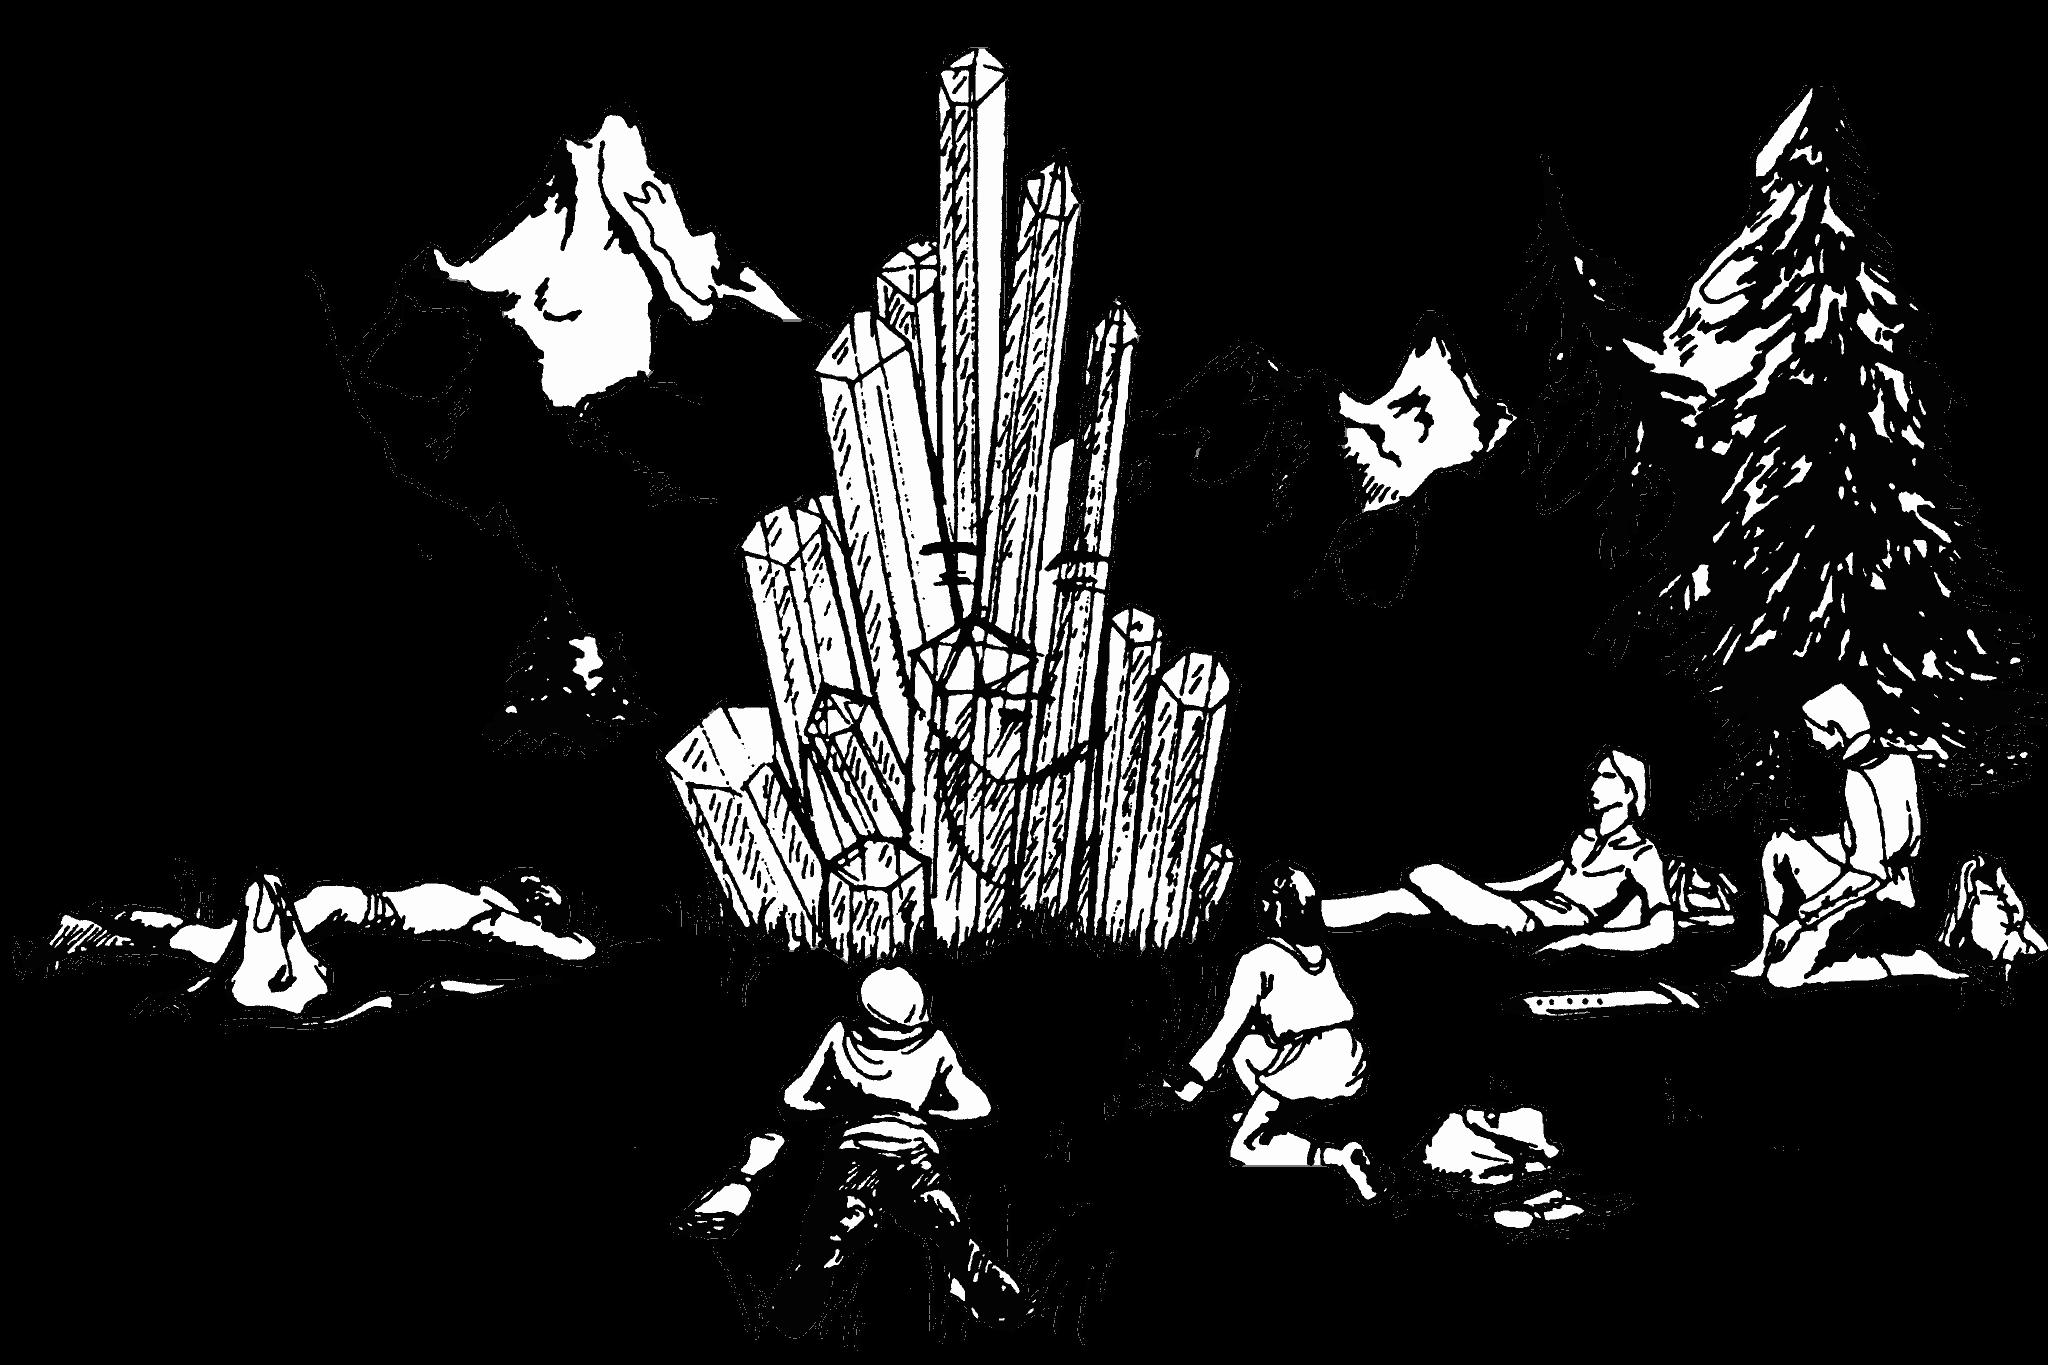 Un groupe d'aventurier s'éveillant autours d'un cristal avec en fond des montagnes.